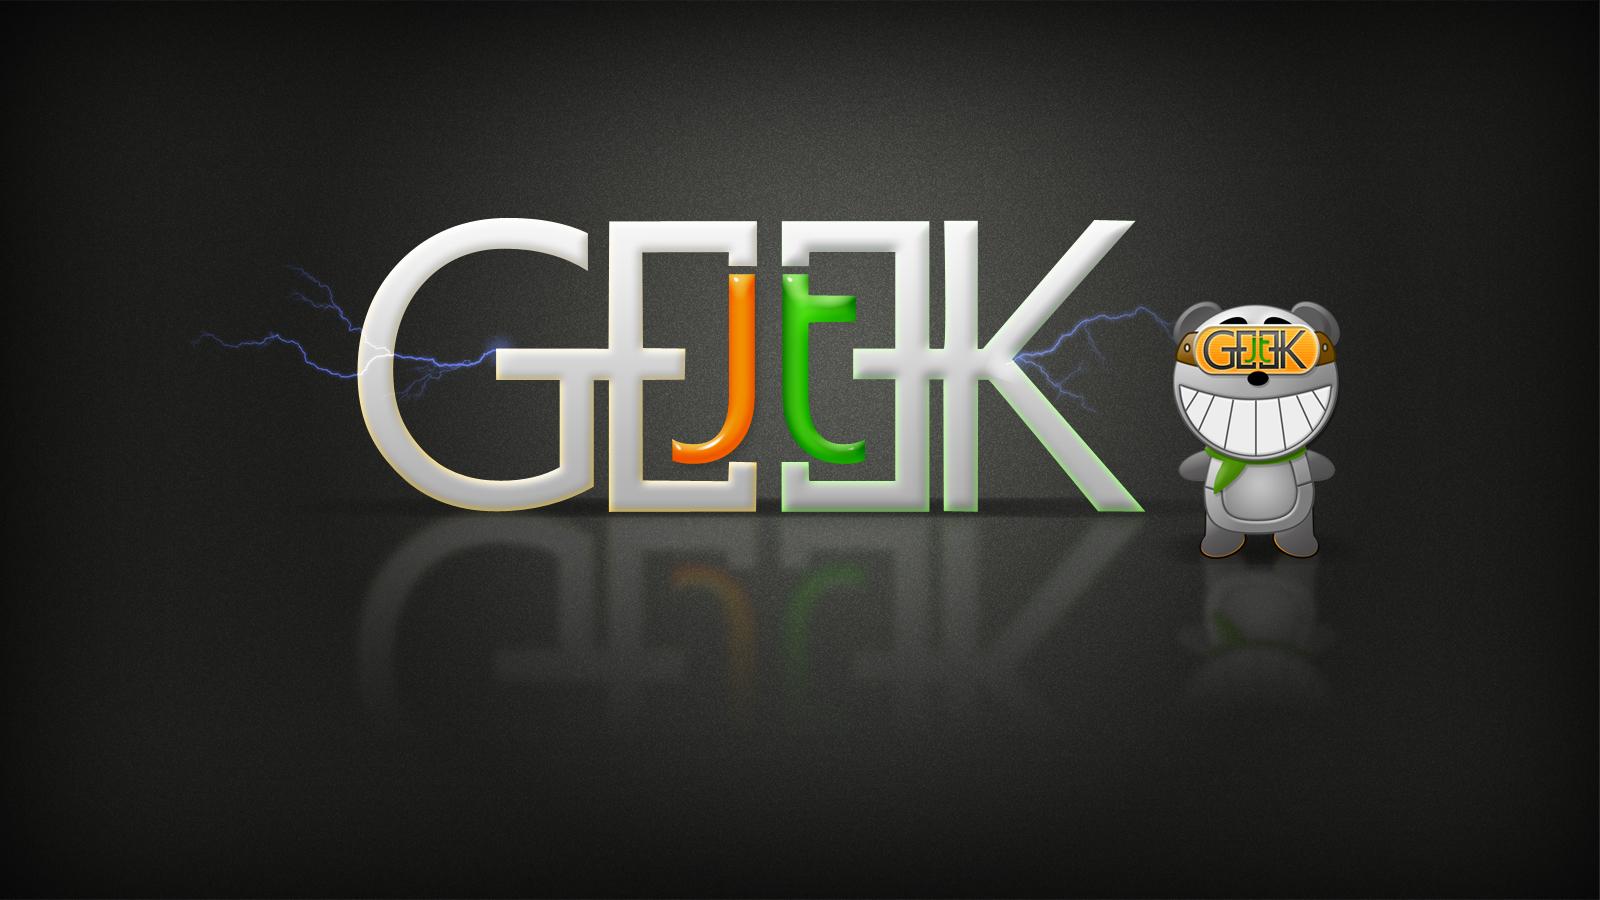 Wallpapers officiels du jt geek avec pangeek for Fond ecran tablette hd